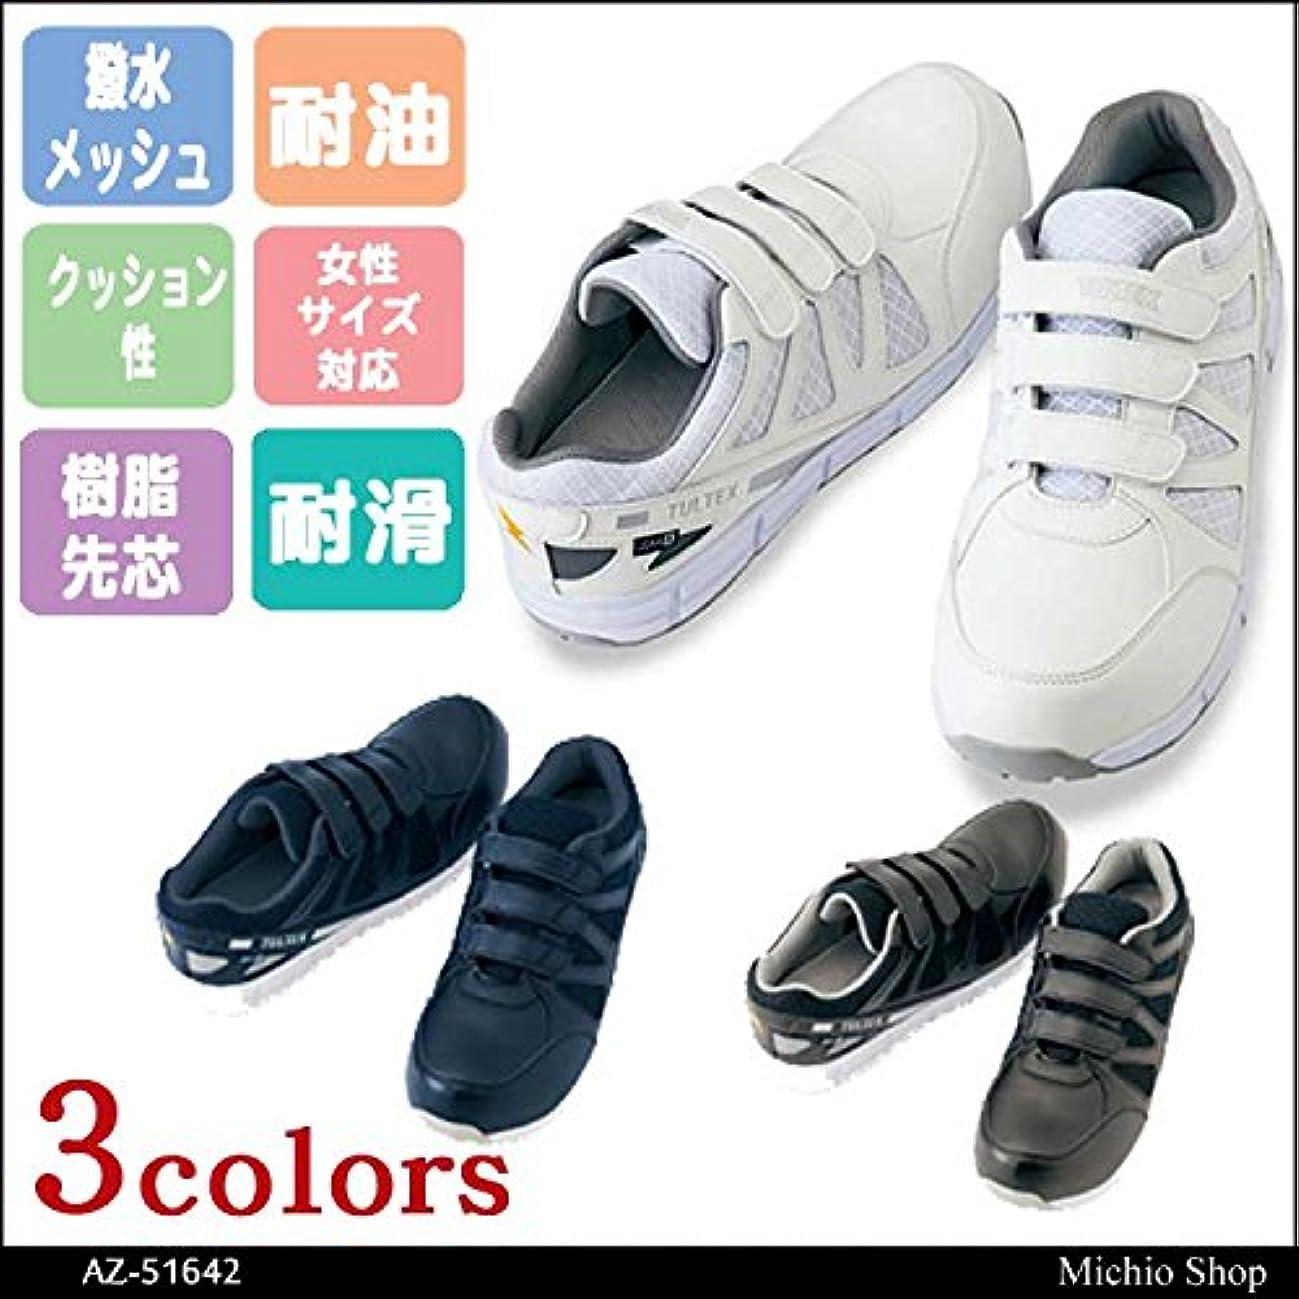 用量東方衝突アイトス 安全靴 AITOZ セーフティシューズ(マジック) AZ-51642 Color:010ブラック 22.0